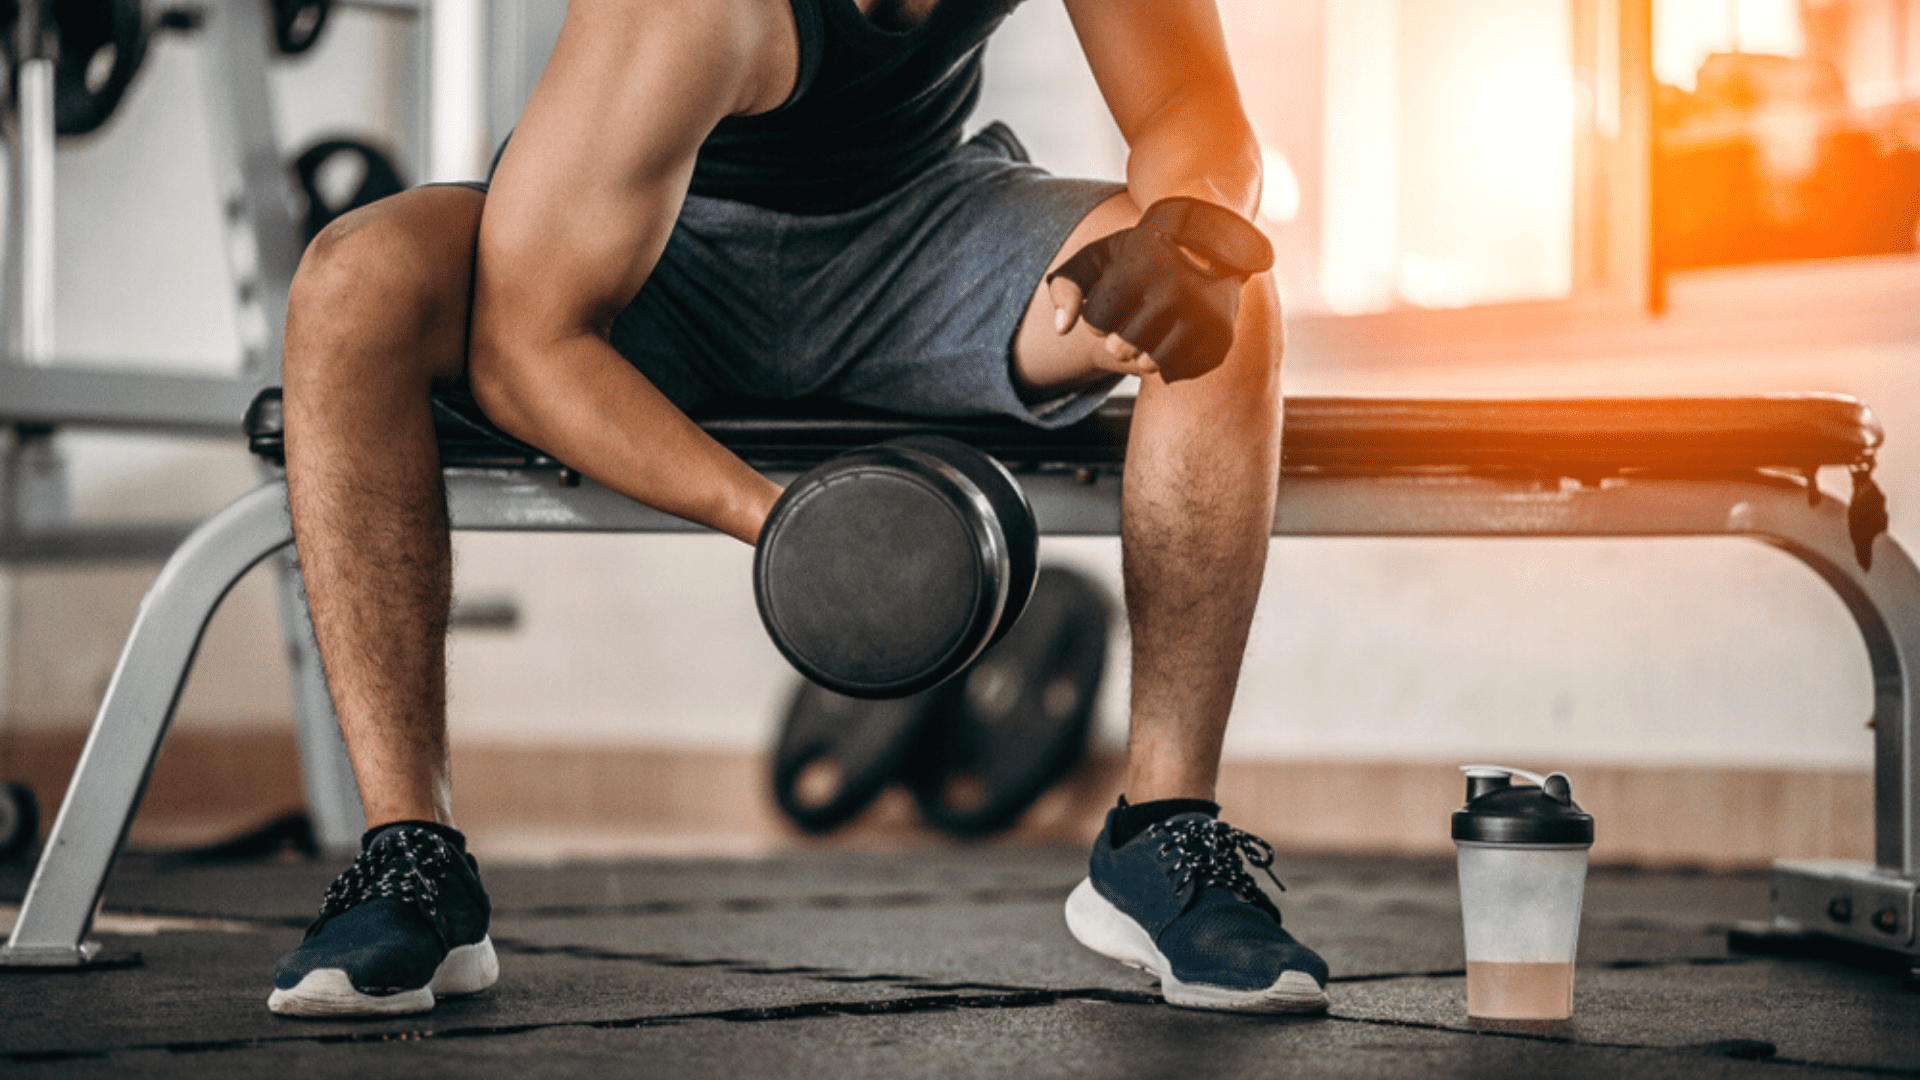 Para musculação, o ideal é optar por um tênis com maior estabilidade (Imagem: Reprodução/Shutterstock)